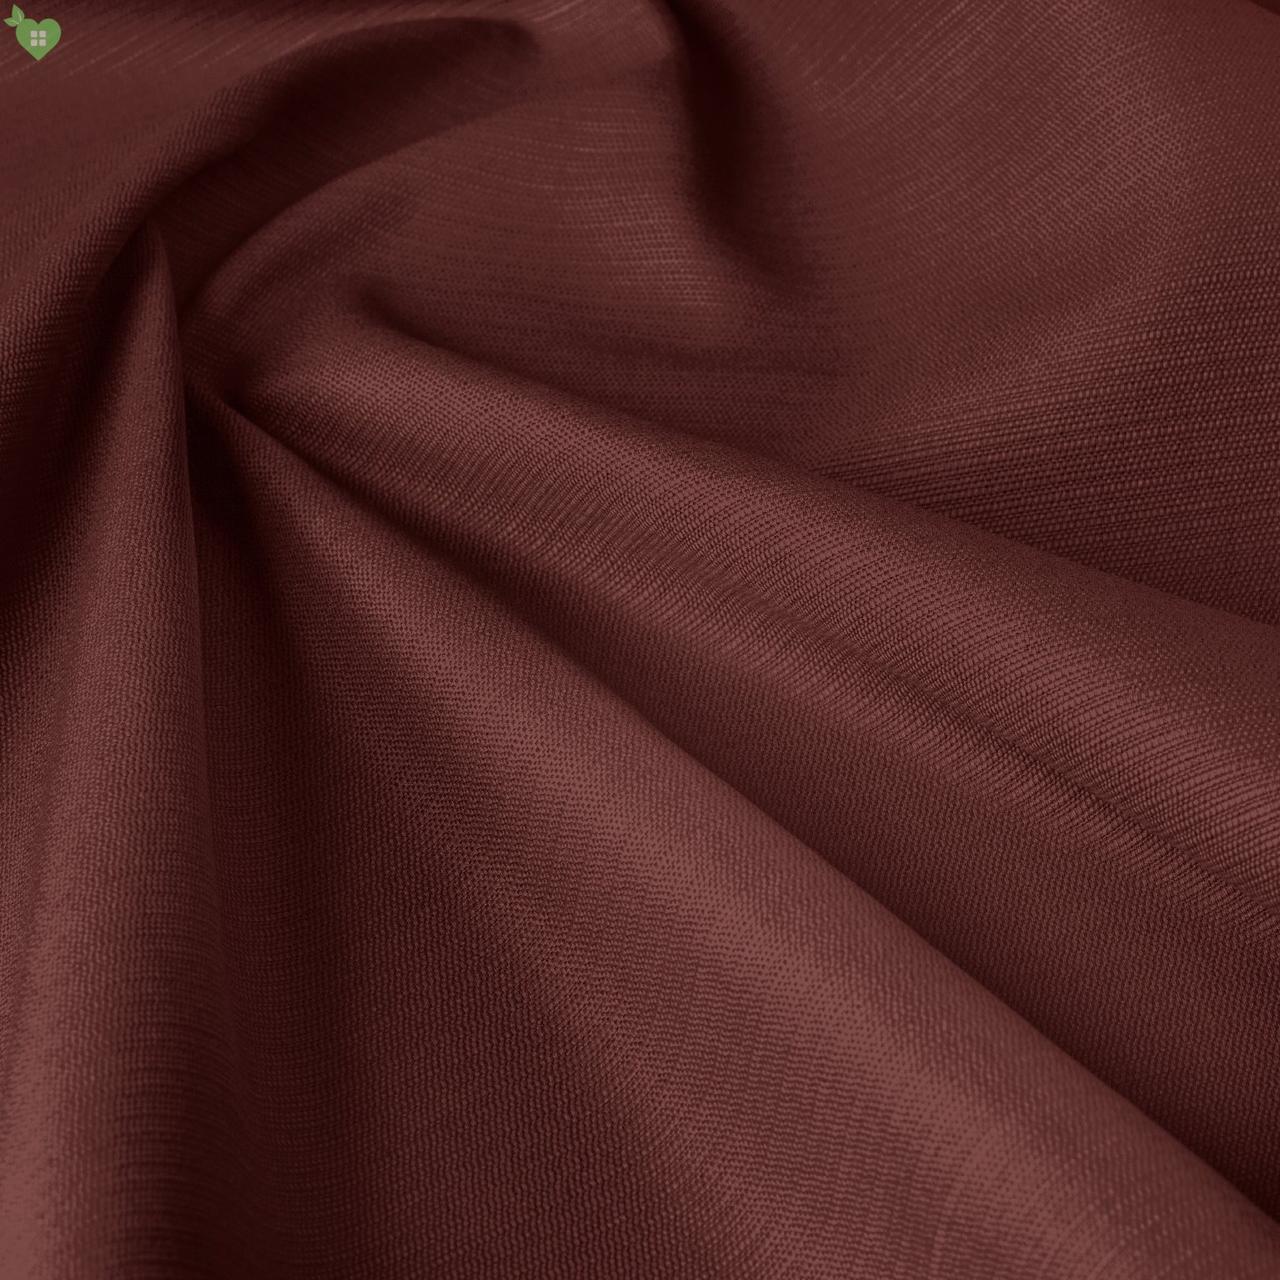 Уличная ткань с фактурой бордового цвета для садовых штор, веранды, беседки 84320v9